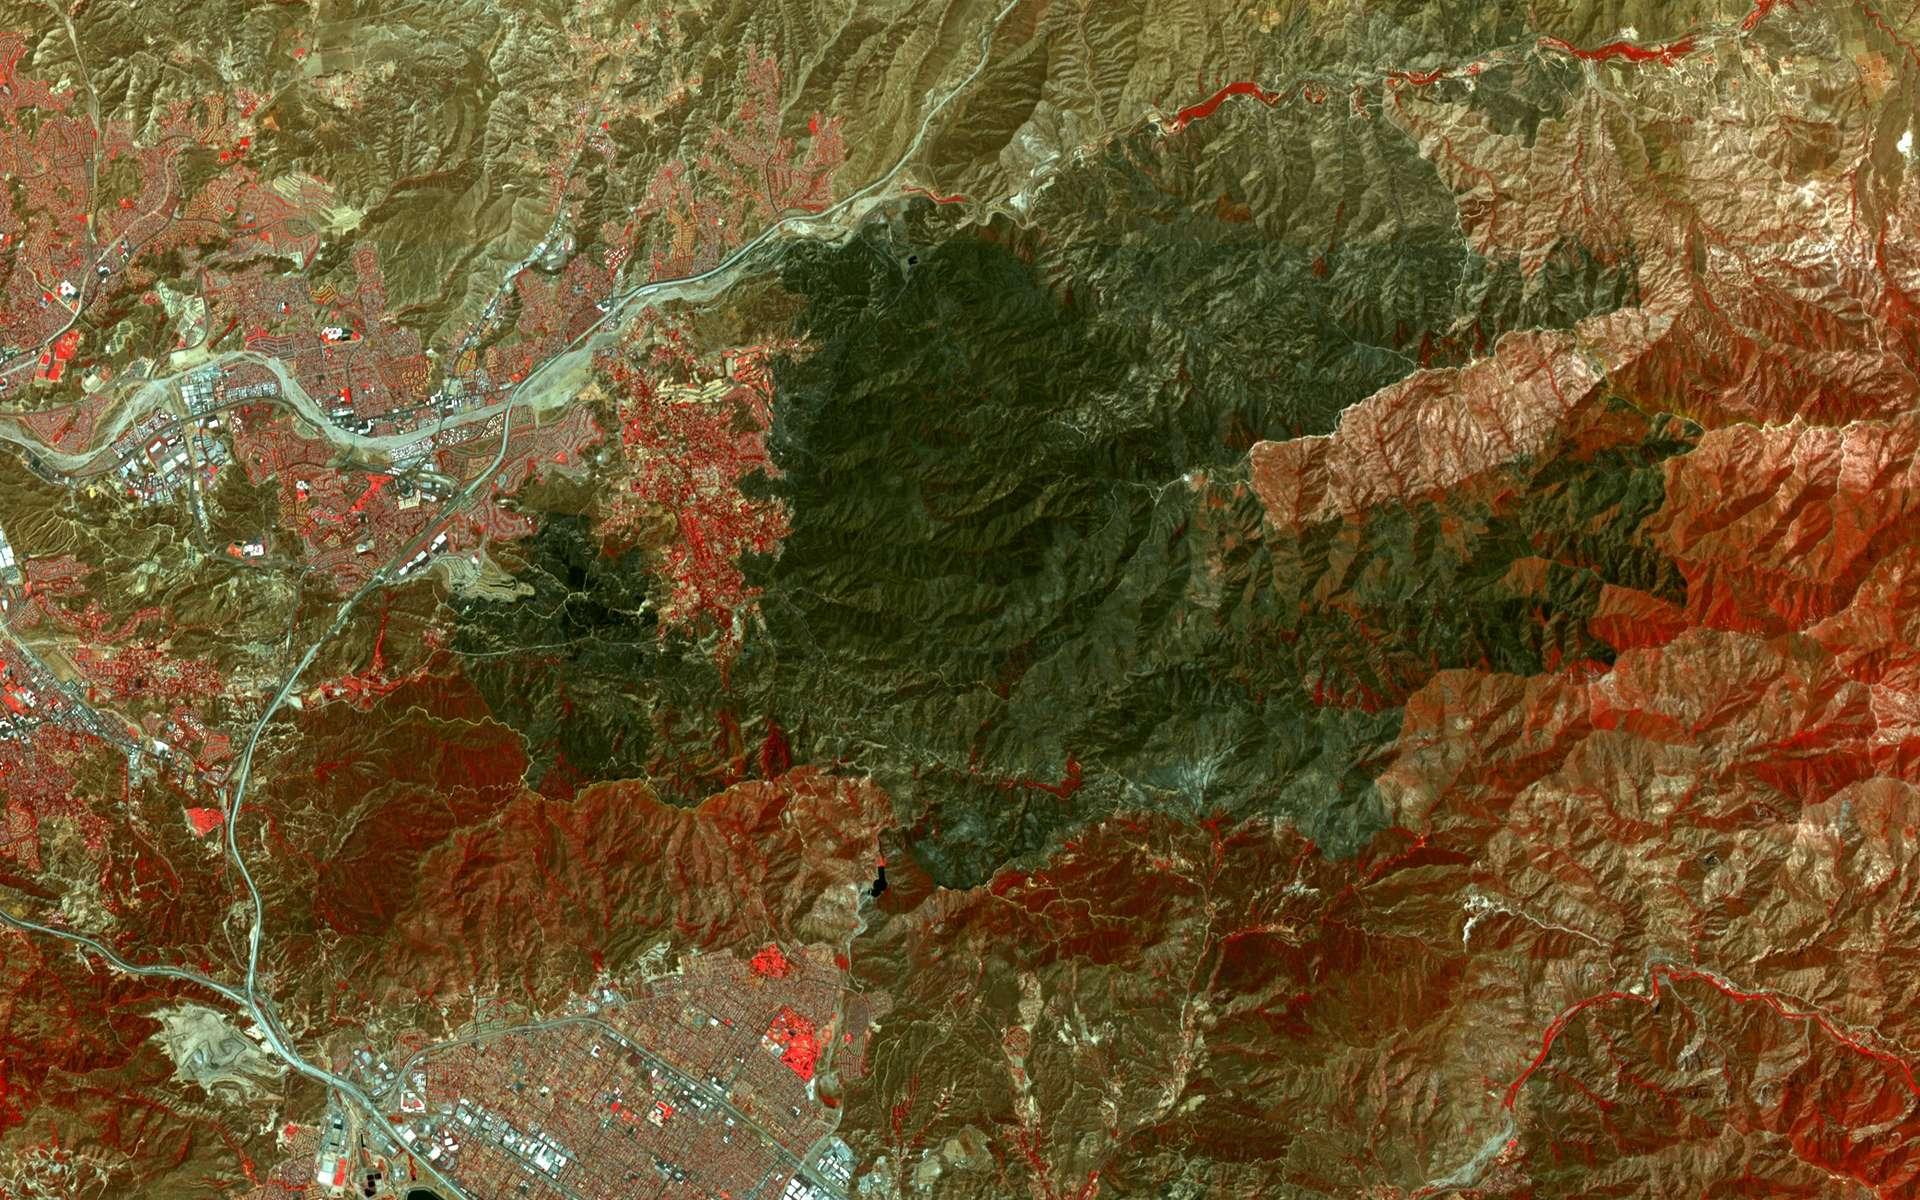 L'incendie Sand Fire (au centre, en vert sombre) laisse une blessure de 160 km2 dans le paysage autour de Santa Clarita, près de Los Angeles. Image en fausses couleurs (26,4 x 31,3 km) prise le 1er août par le satellite Terra. © Nasa, Meti, AIST, Japan Space Systems, U.S-Japan Aster Science Team